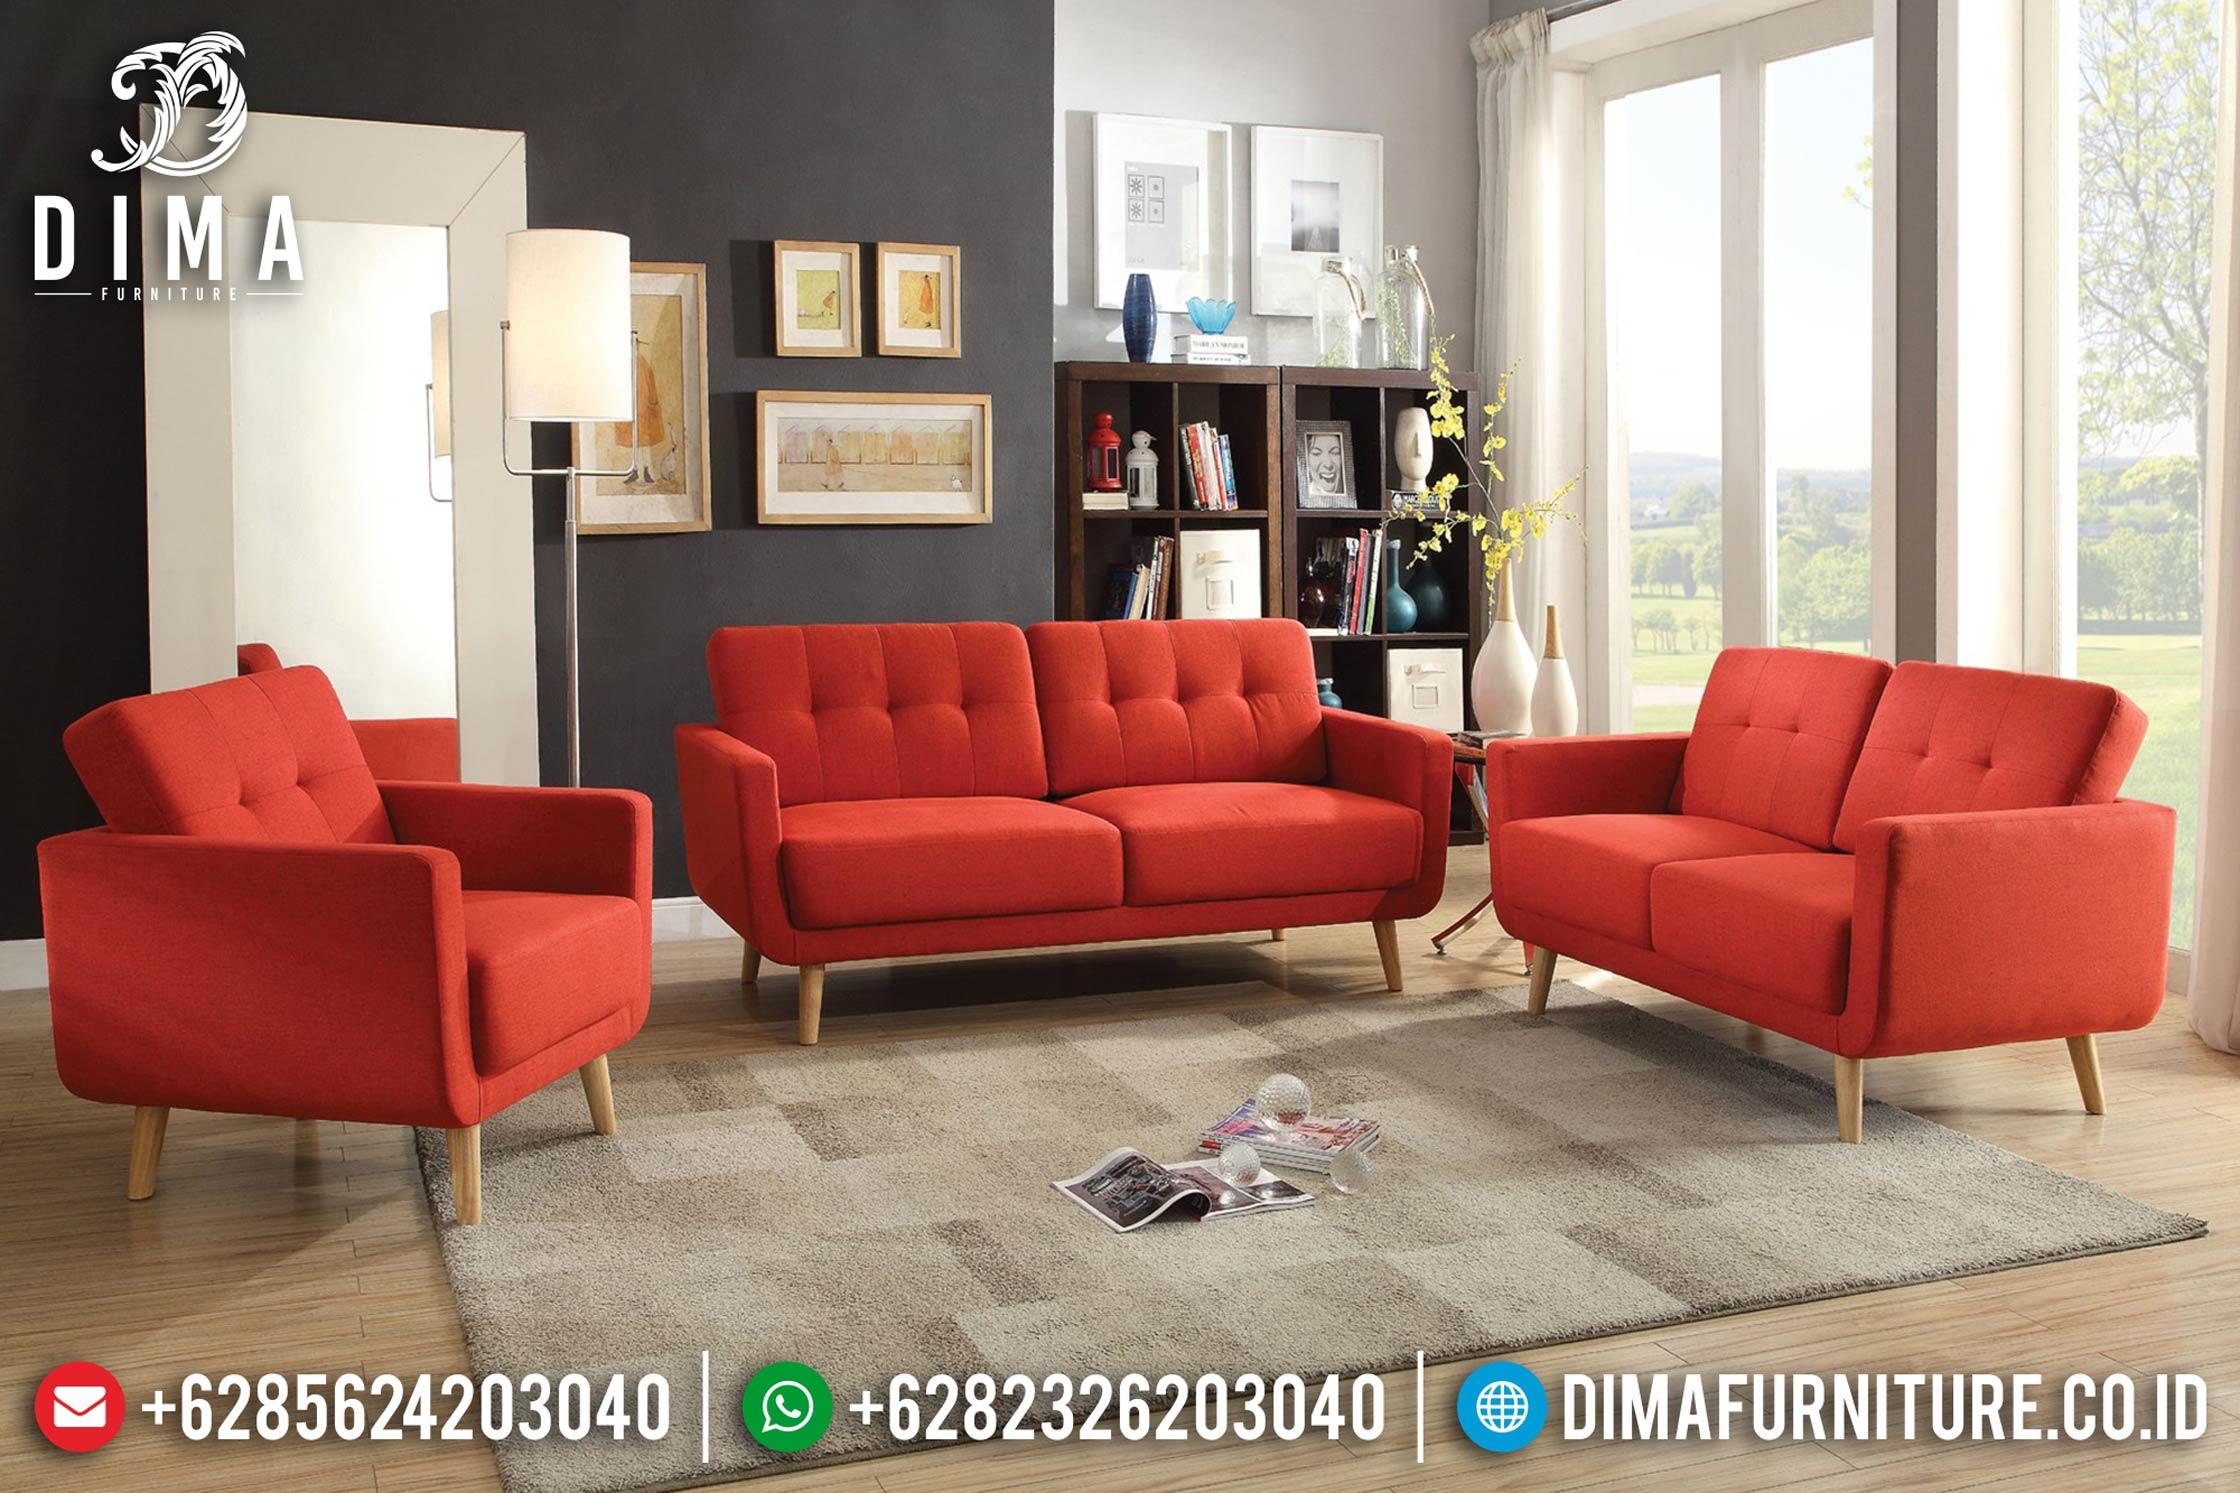 Sofa Tamu Jepara Mewah Minimalis Terbaru 03 Dima Furniture Jepara